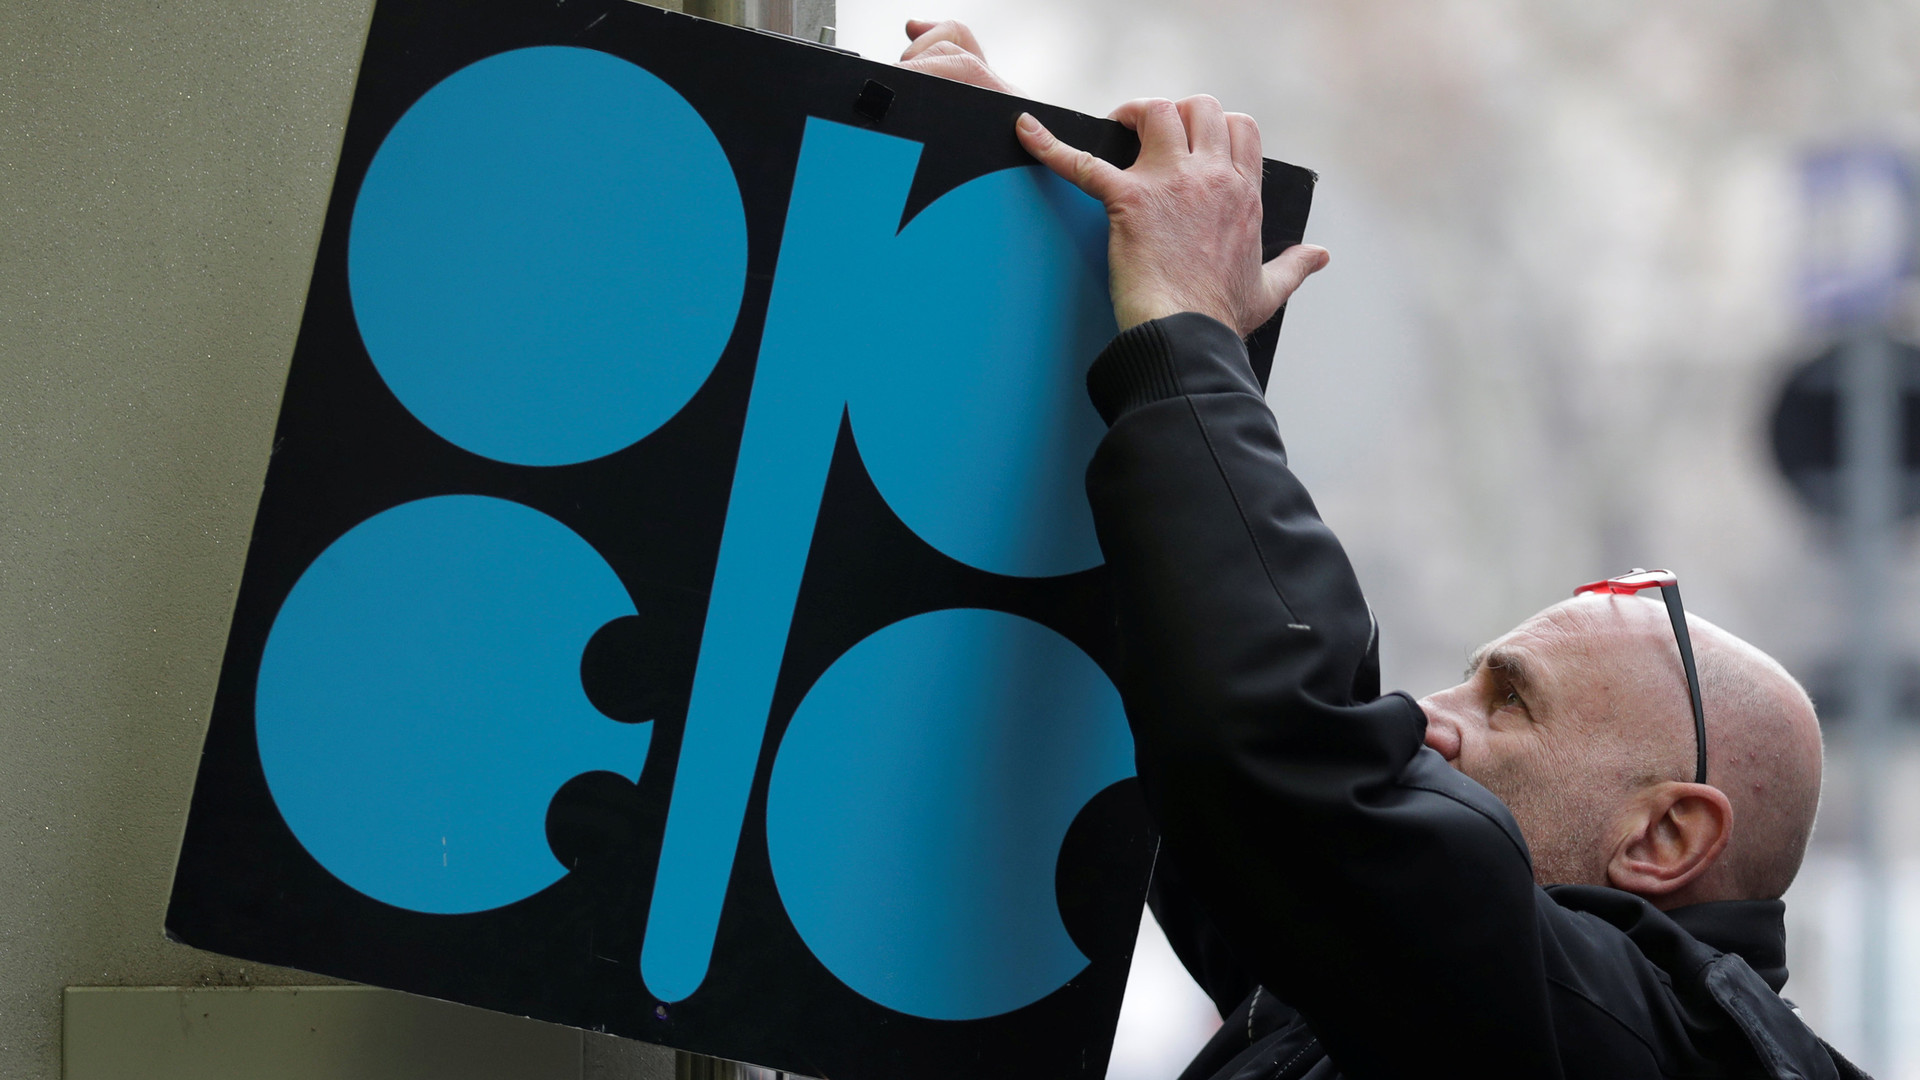 Единогласное решение: экспортёры нефти договорились о заморозке уровня добычи углеводородов до конца 2018 года